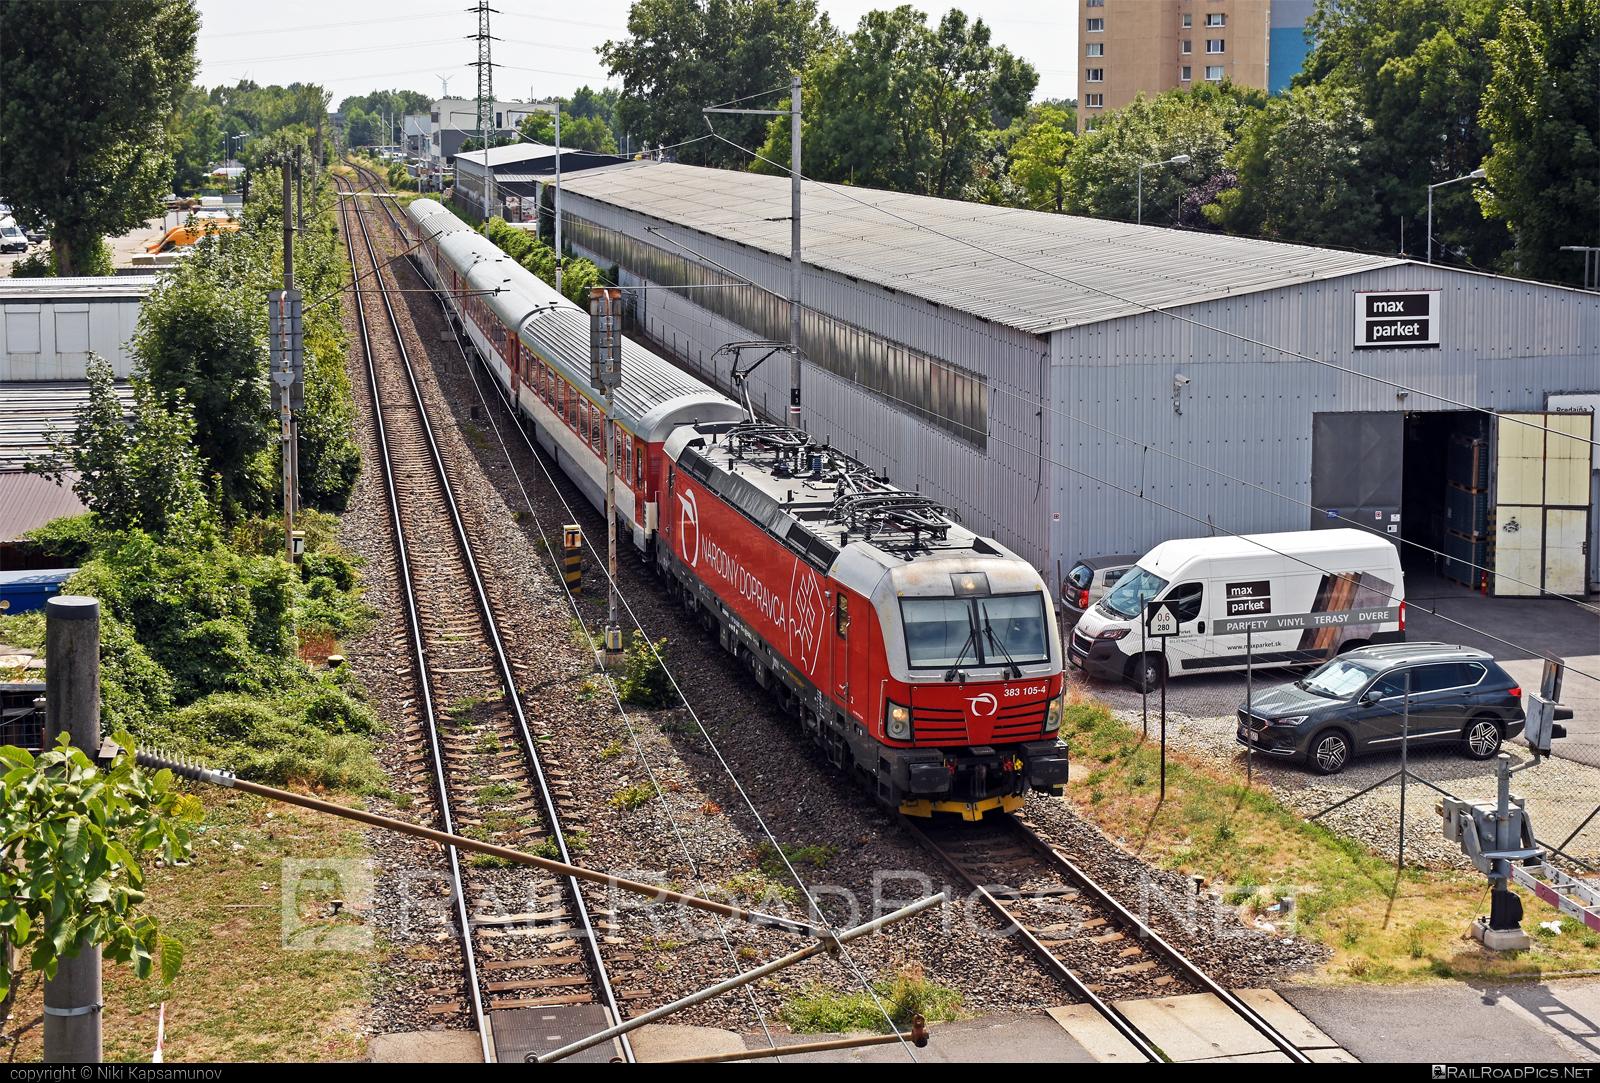 Siemens Vectron MS - 383 105-4 operated by Železničná Spoločnost' Slovensko, a.s. #RollingStockLease #RollingStockLeaseSro #ZeleznicnaSpolocnostSlovensko #raill #siemens #siemensvectron #siemensvectronms #vectron #vectronms #zssk